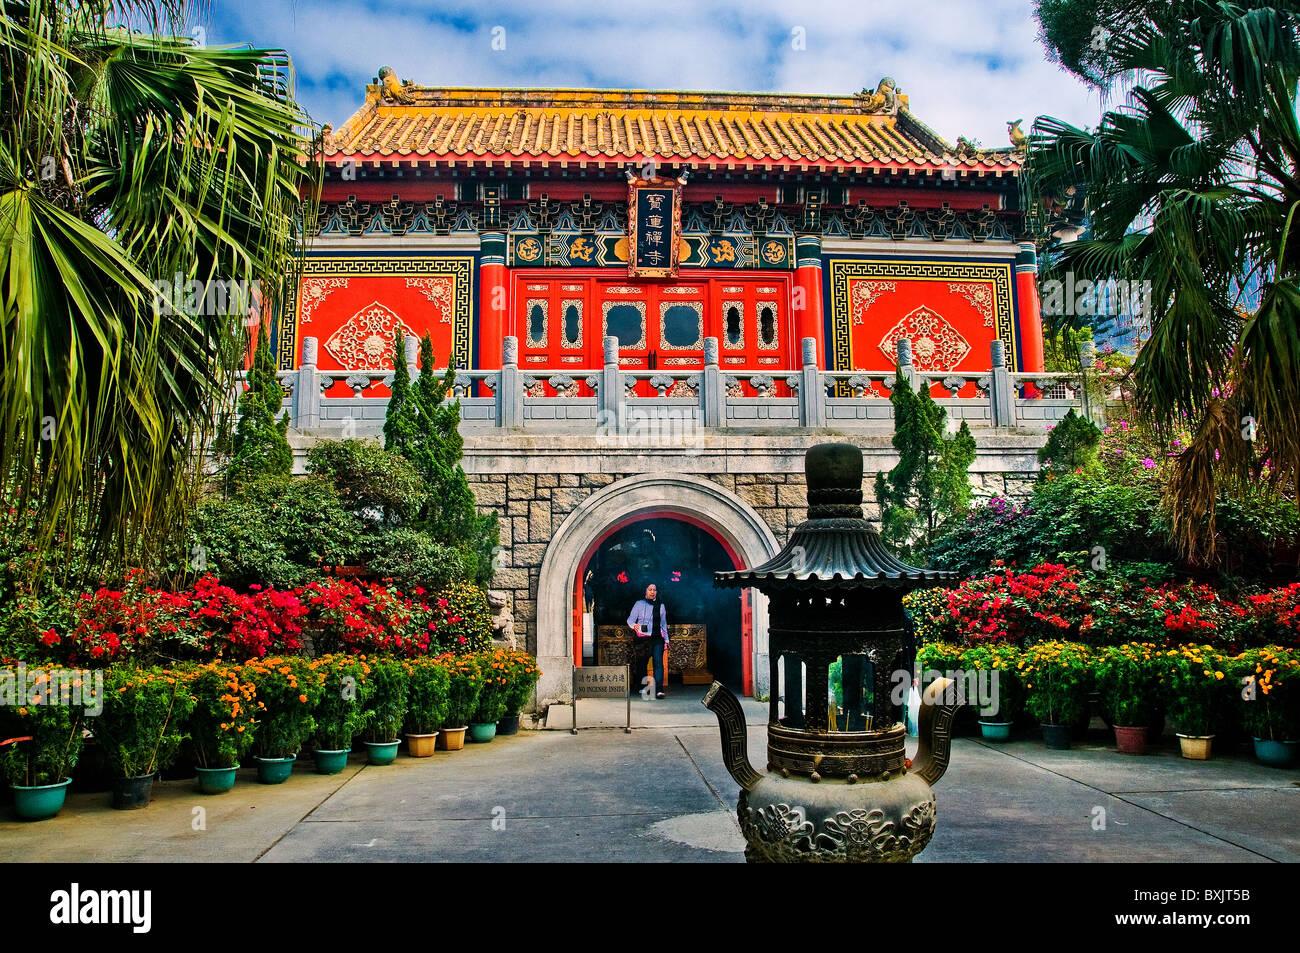 Interior courtyard of Po Lin monastery at Ngong Ping Lantau Island China - Stock Image